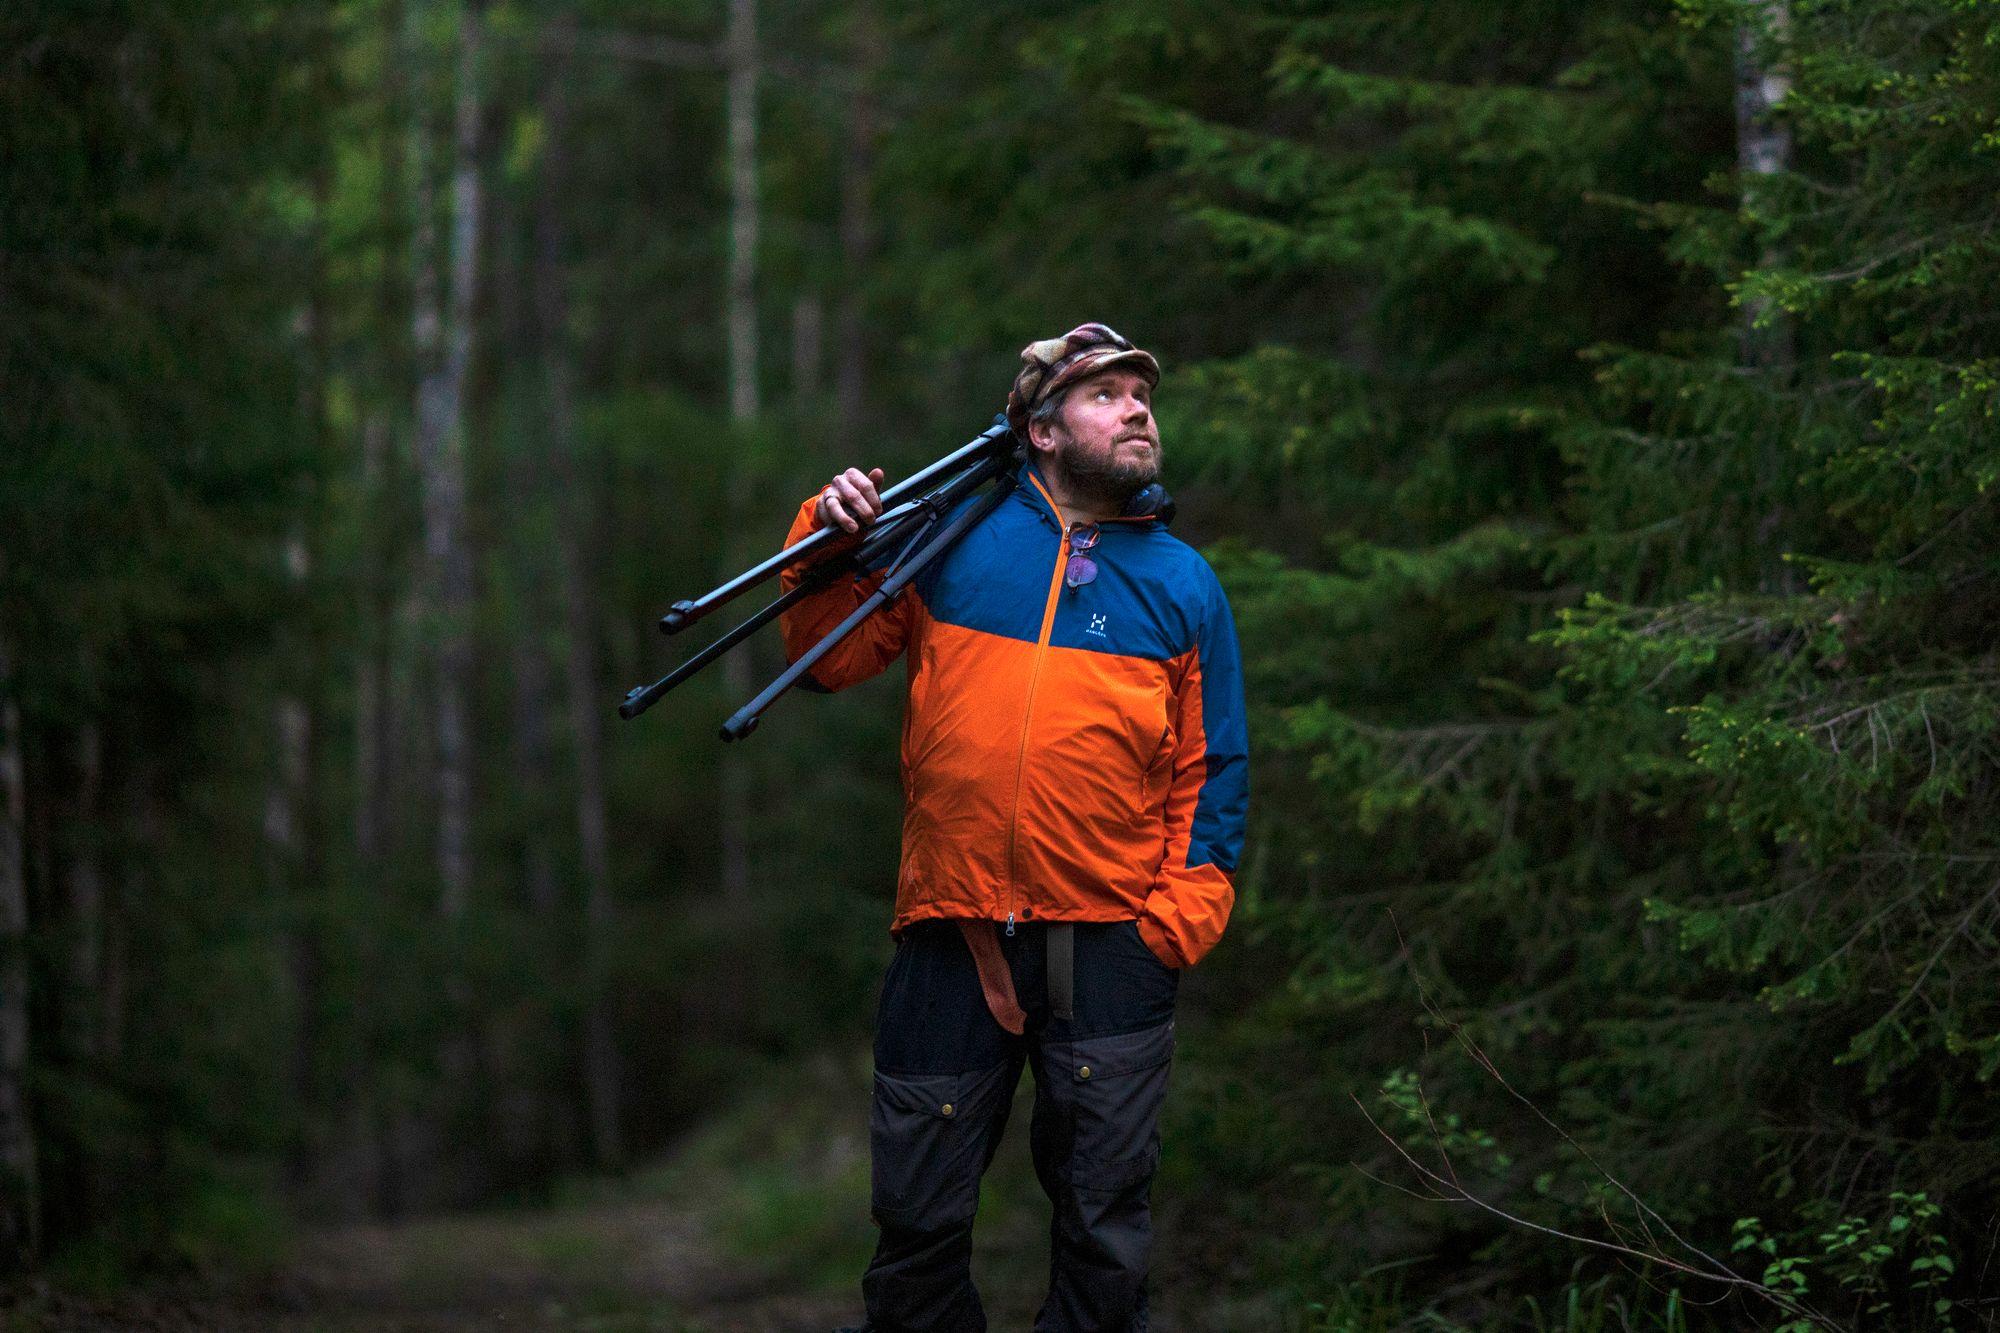 """Entisessä työssään Pepelle kertyi 250 matkapäivää vuodessa. """"Nyt kun vietän jatkuvasti aikaa metsässä, huomaan, että on vähän liikaakin virtaa. Teen kolme kirjaa vuodessa."""" © Tommi Mattila"""